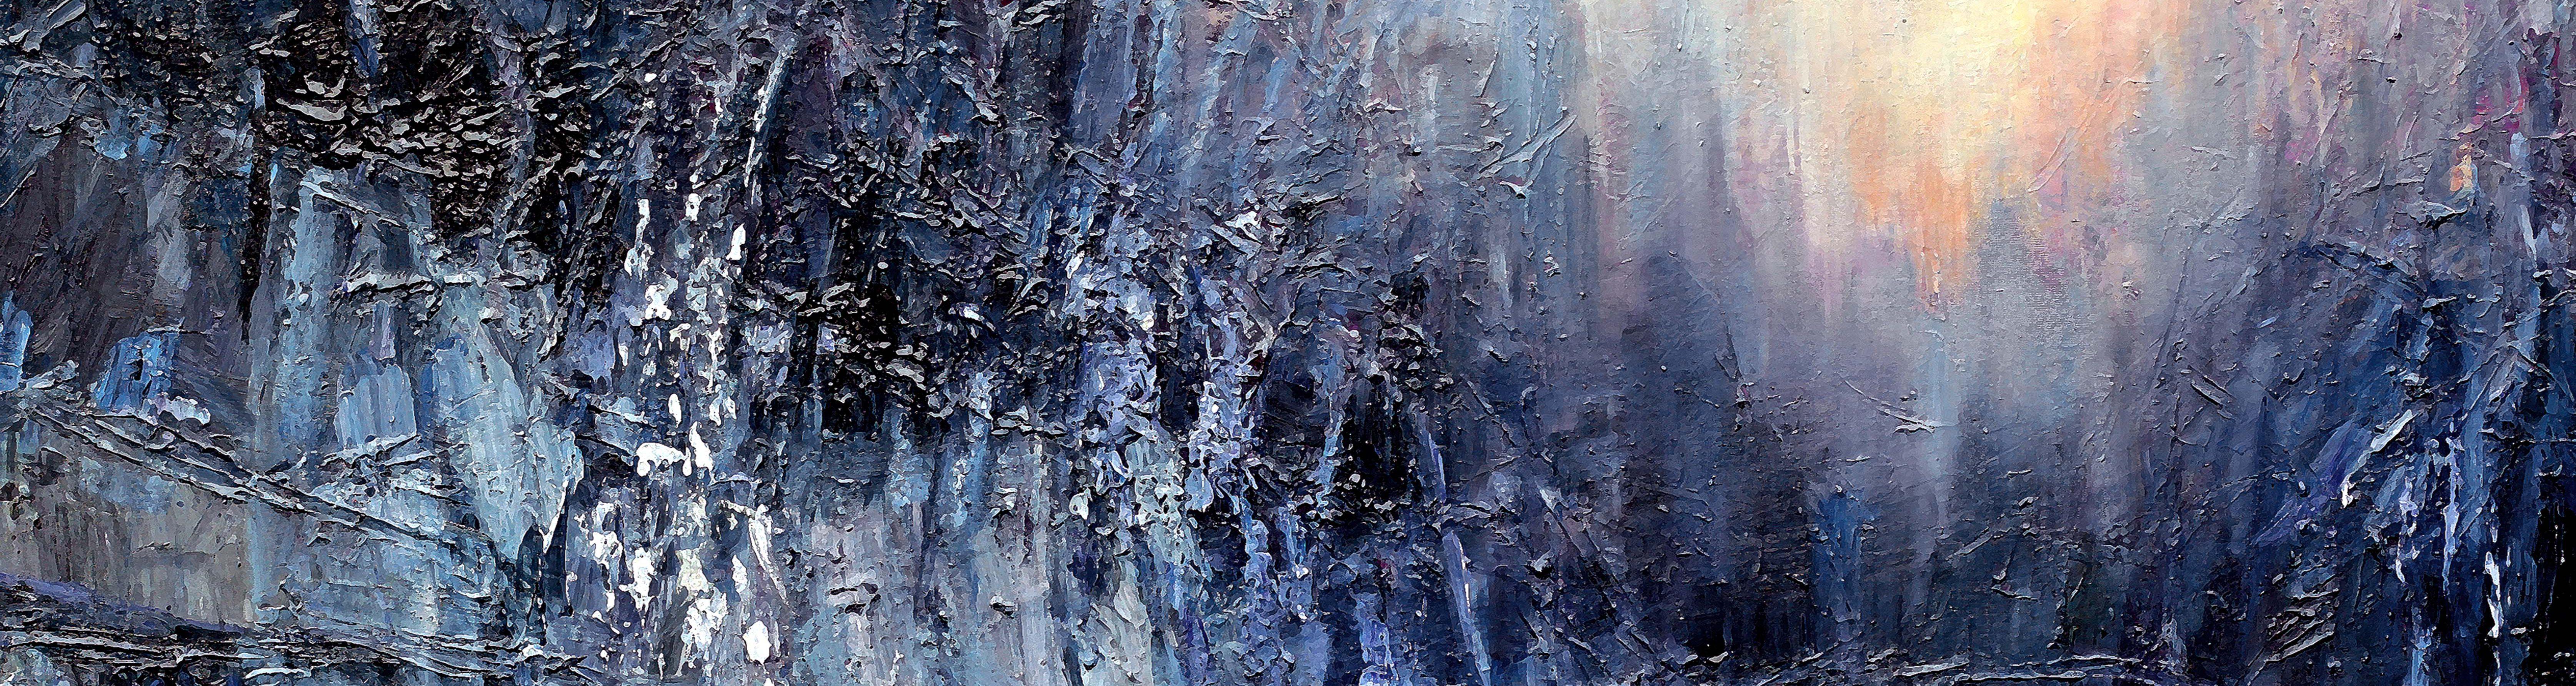 Digitalt Grafisk Arbeid av kunstner Fritz Helge Nyegaard - tittel: Blå krystaller forside